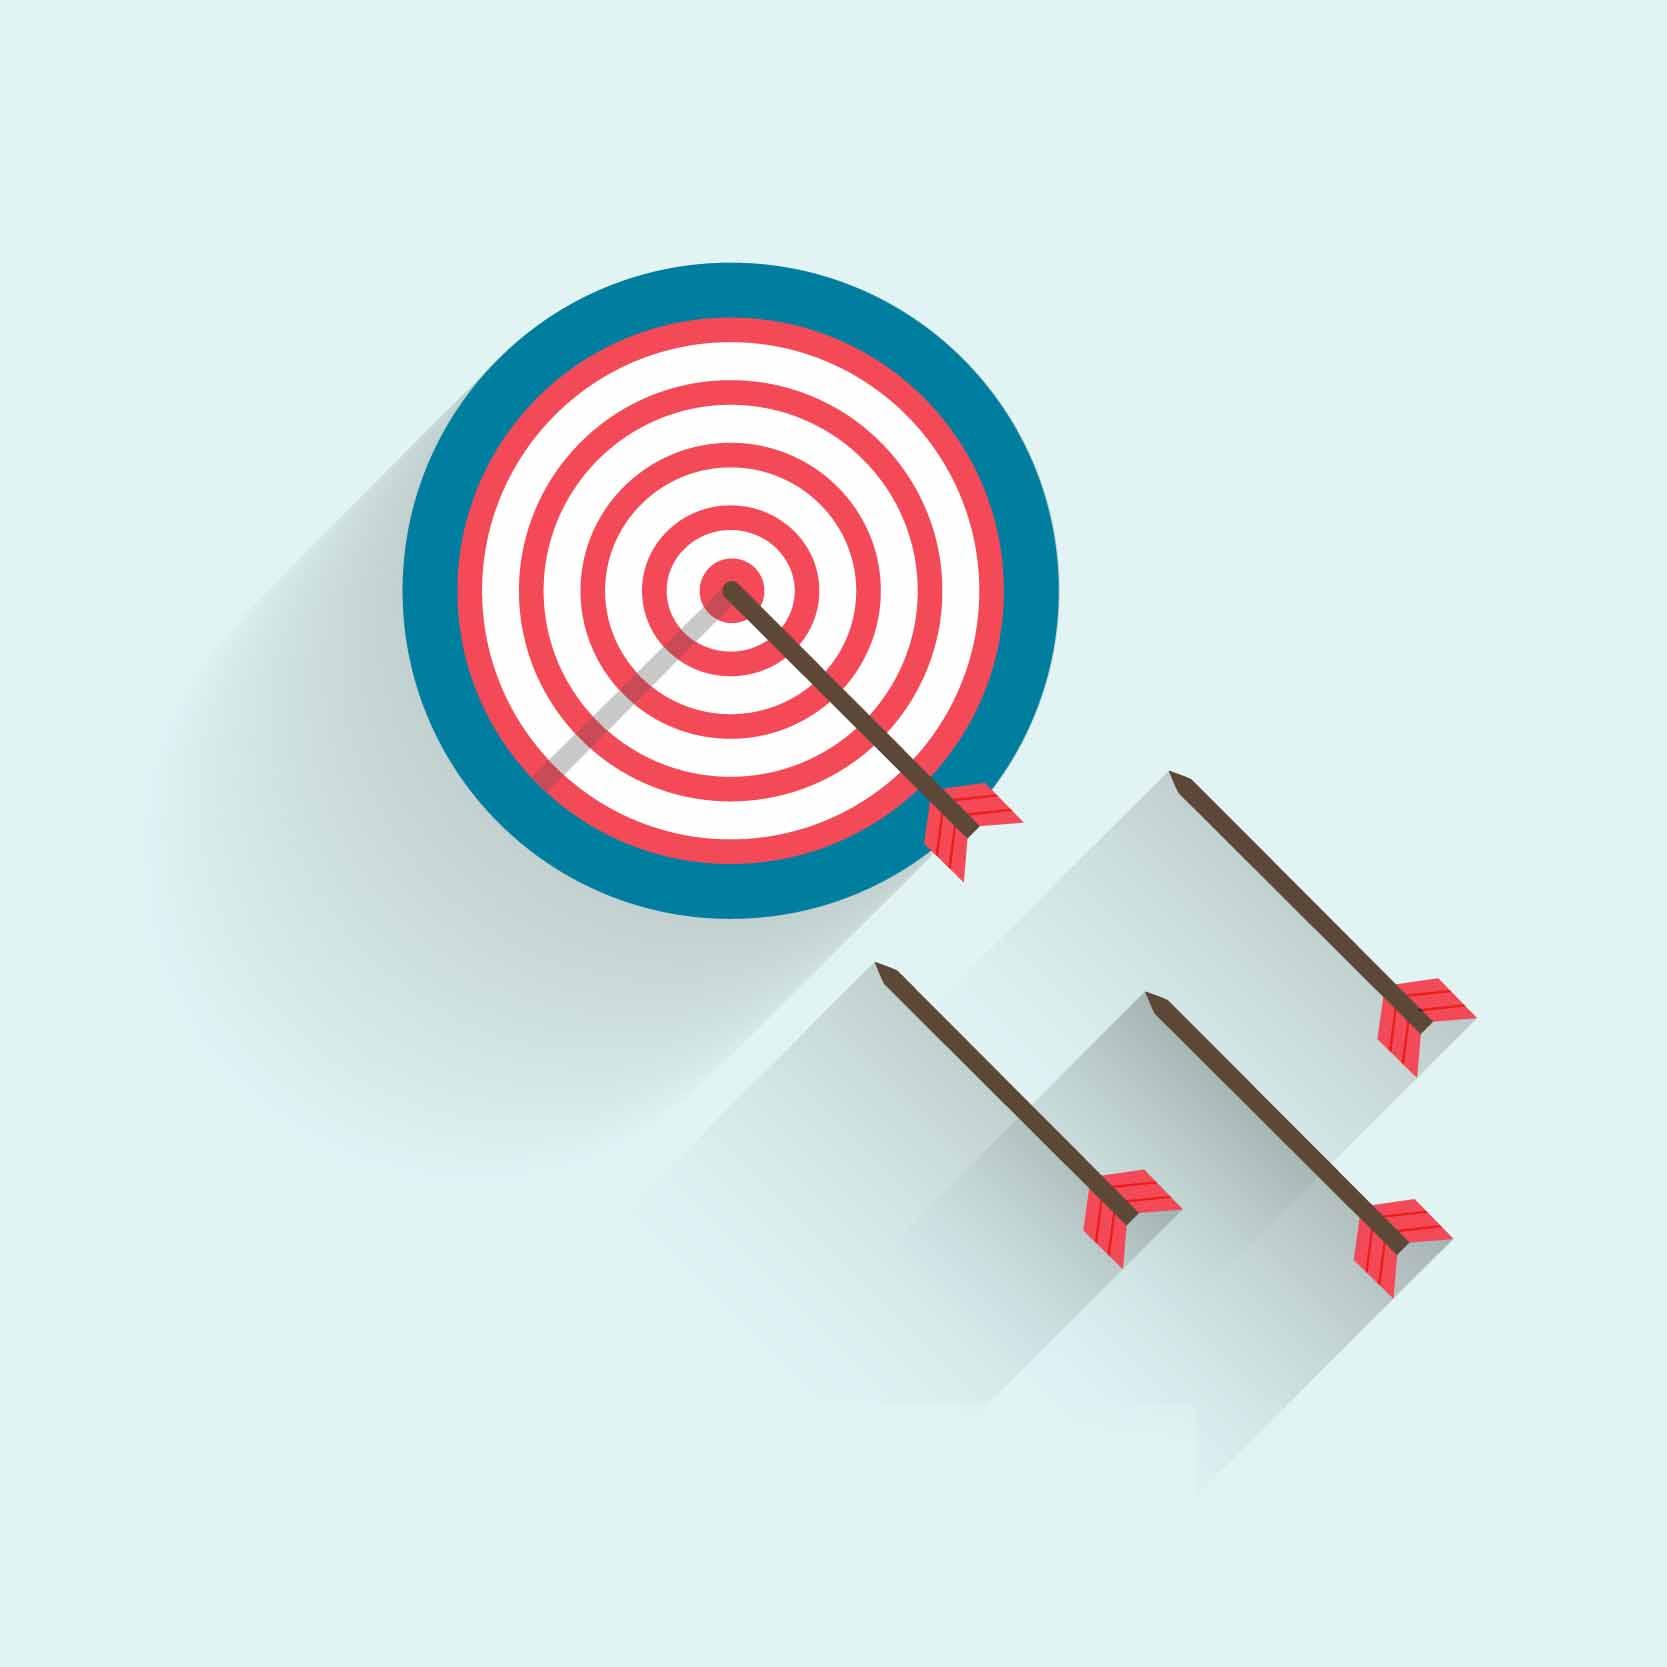 عملکرد برنامه های بازاریابی